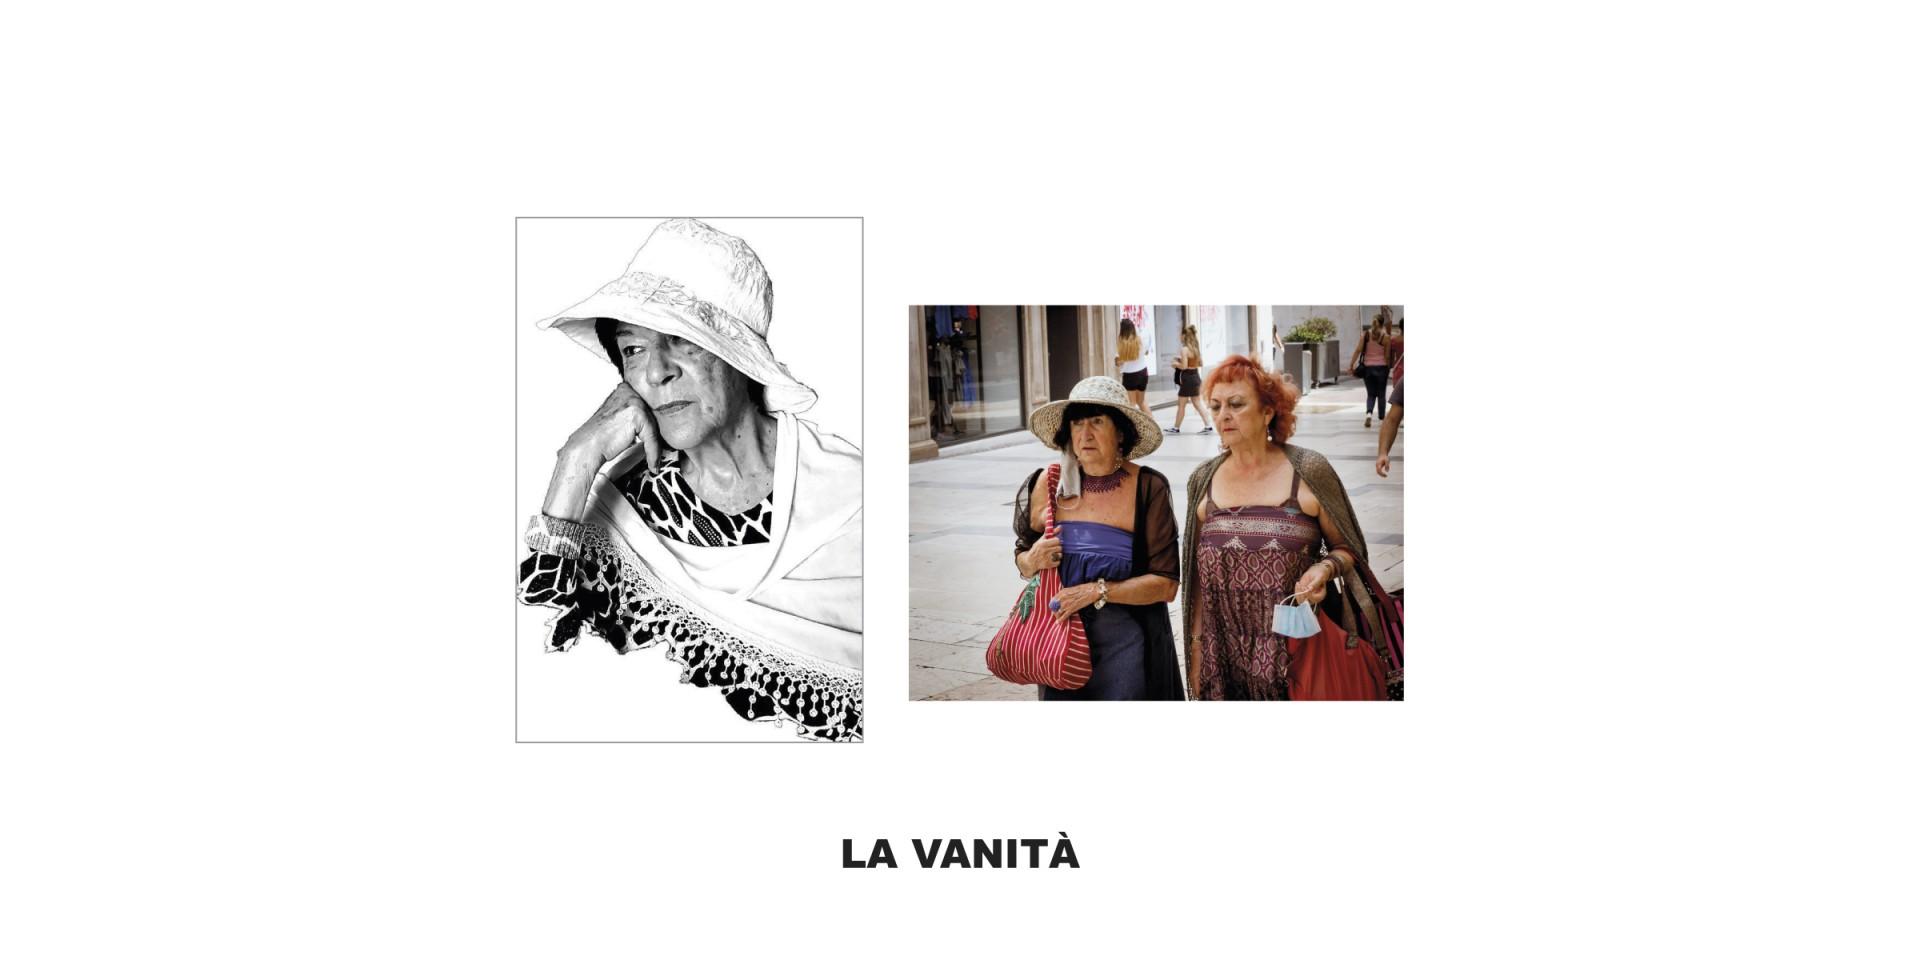 03-slide-la-vanita-2.jpg